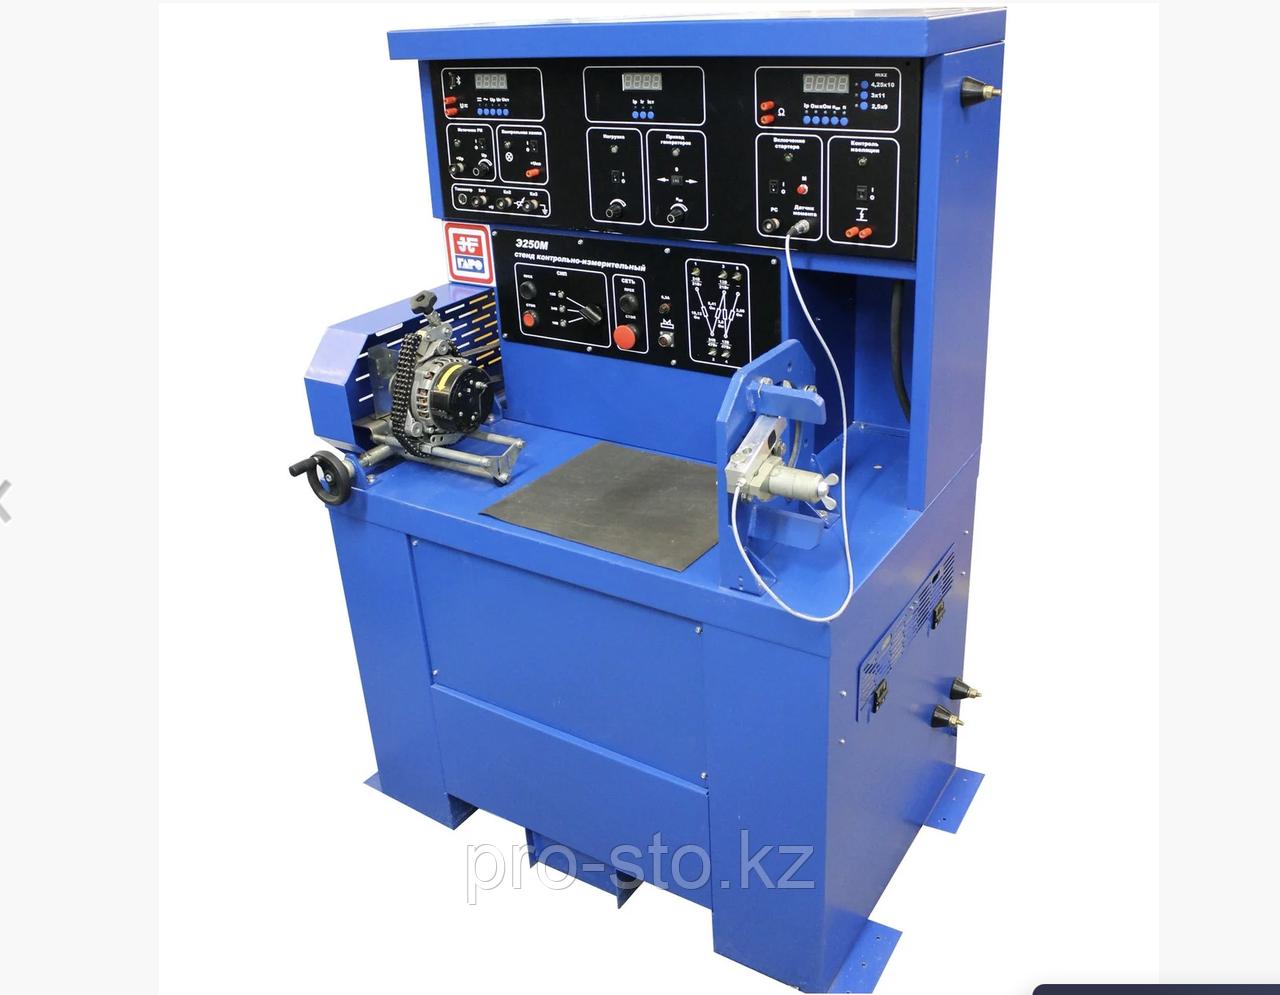 Стенд для проверки стартера и генератора Э250М-02 - фото 1